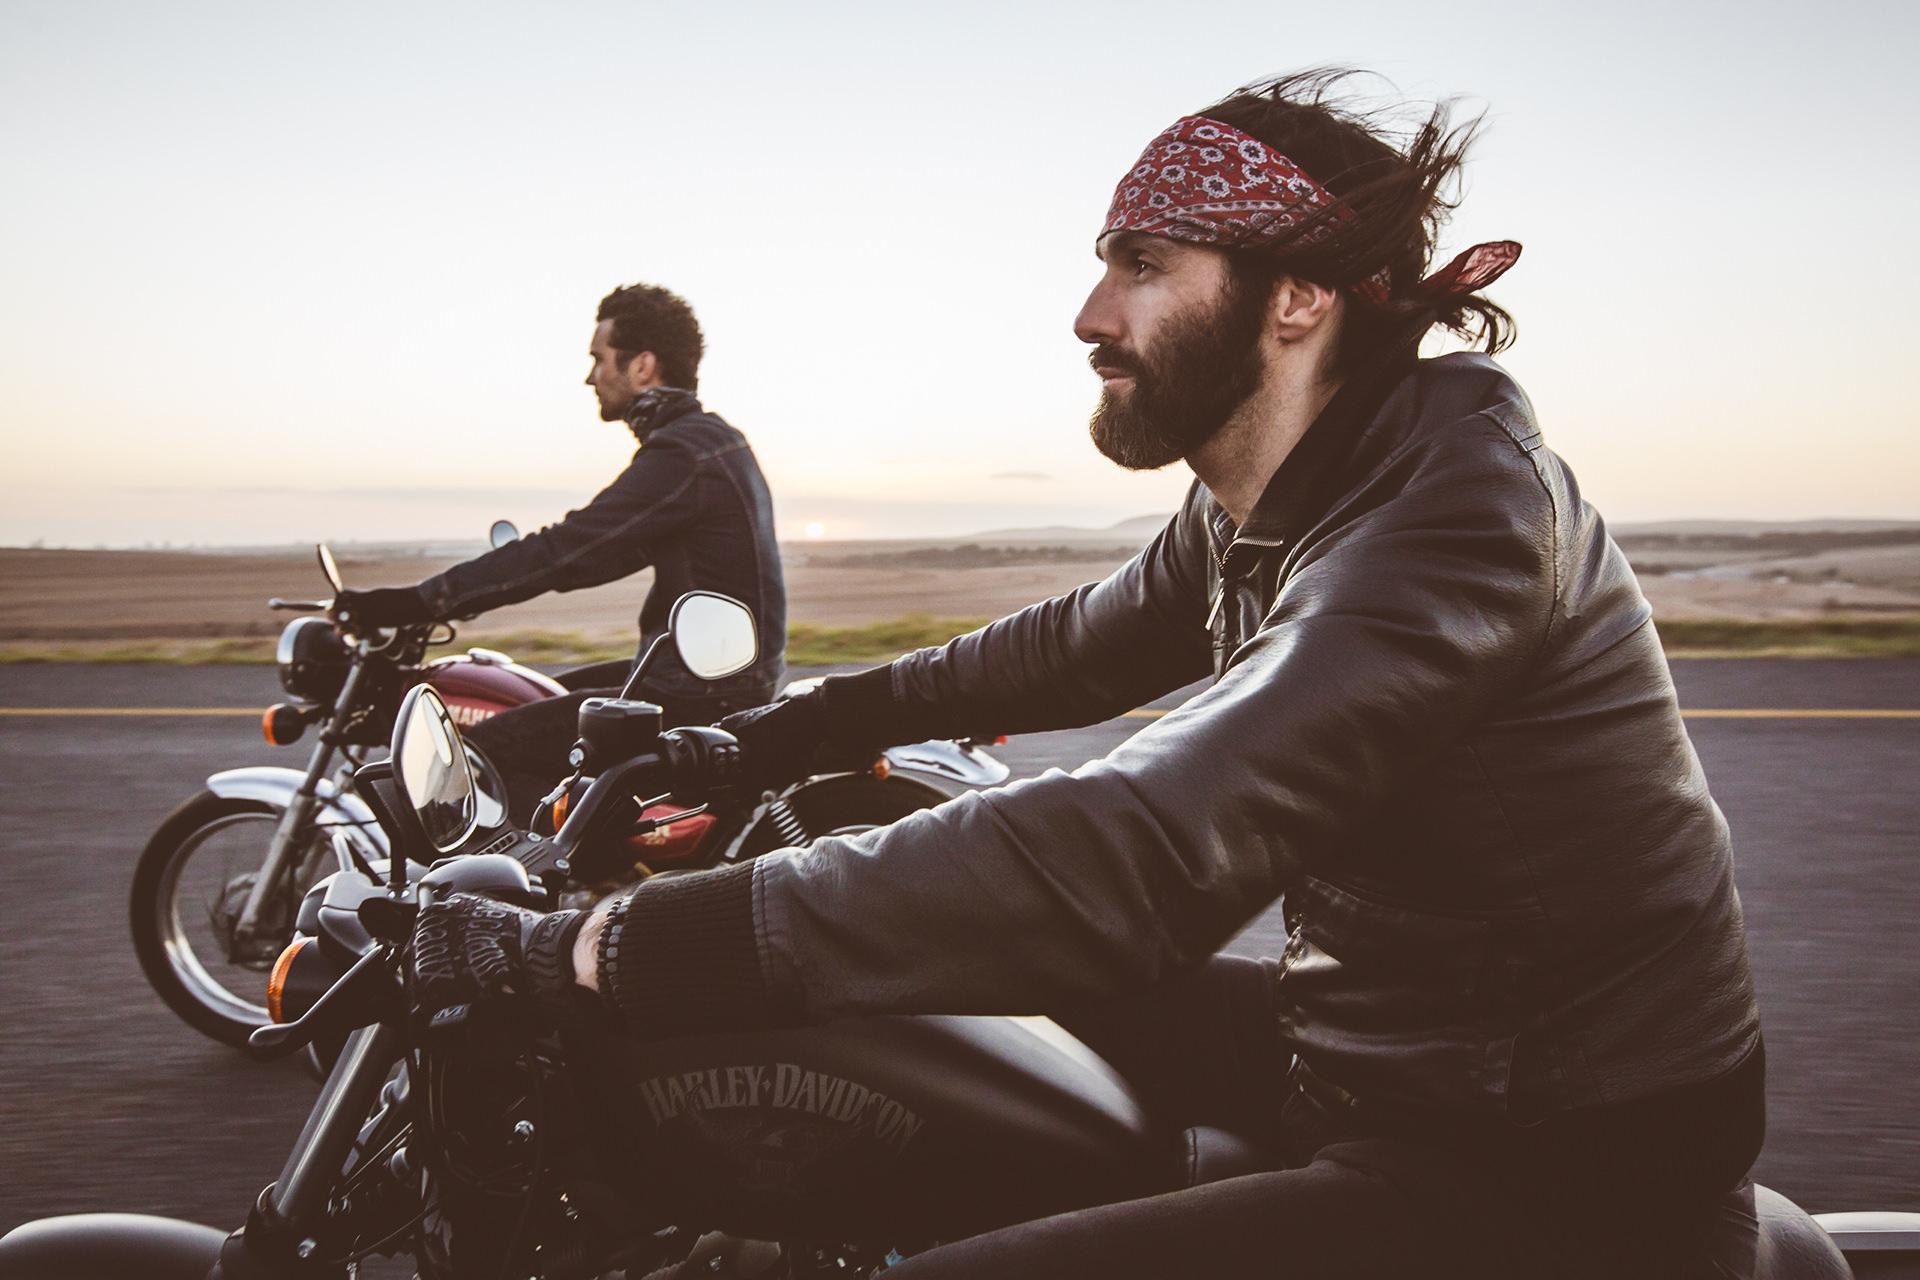 biker-trip-motorrad-fahren-freunde